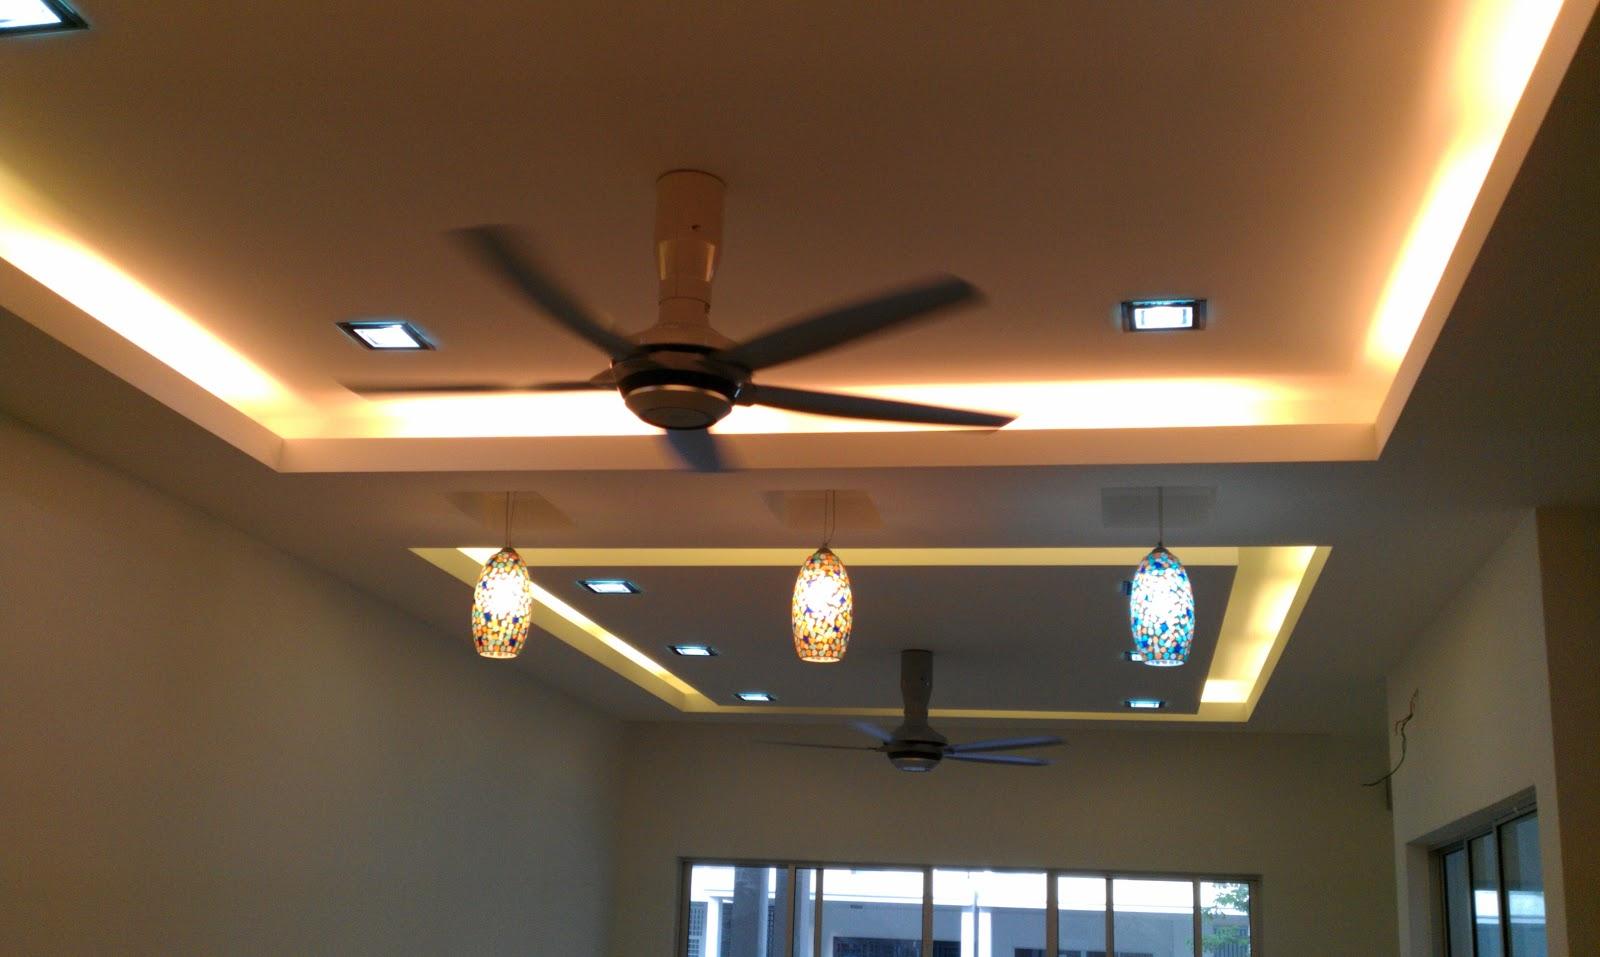 Harga Plaster Ceiling Www Lightneasy Net